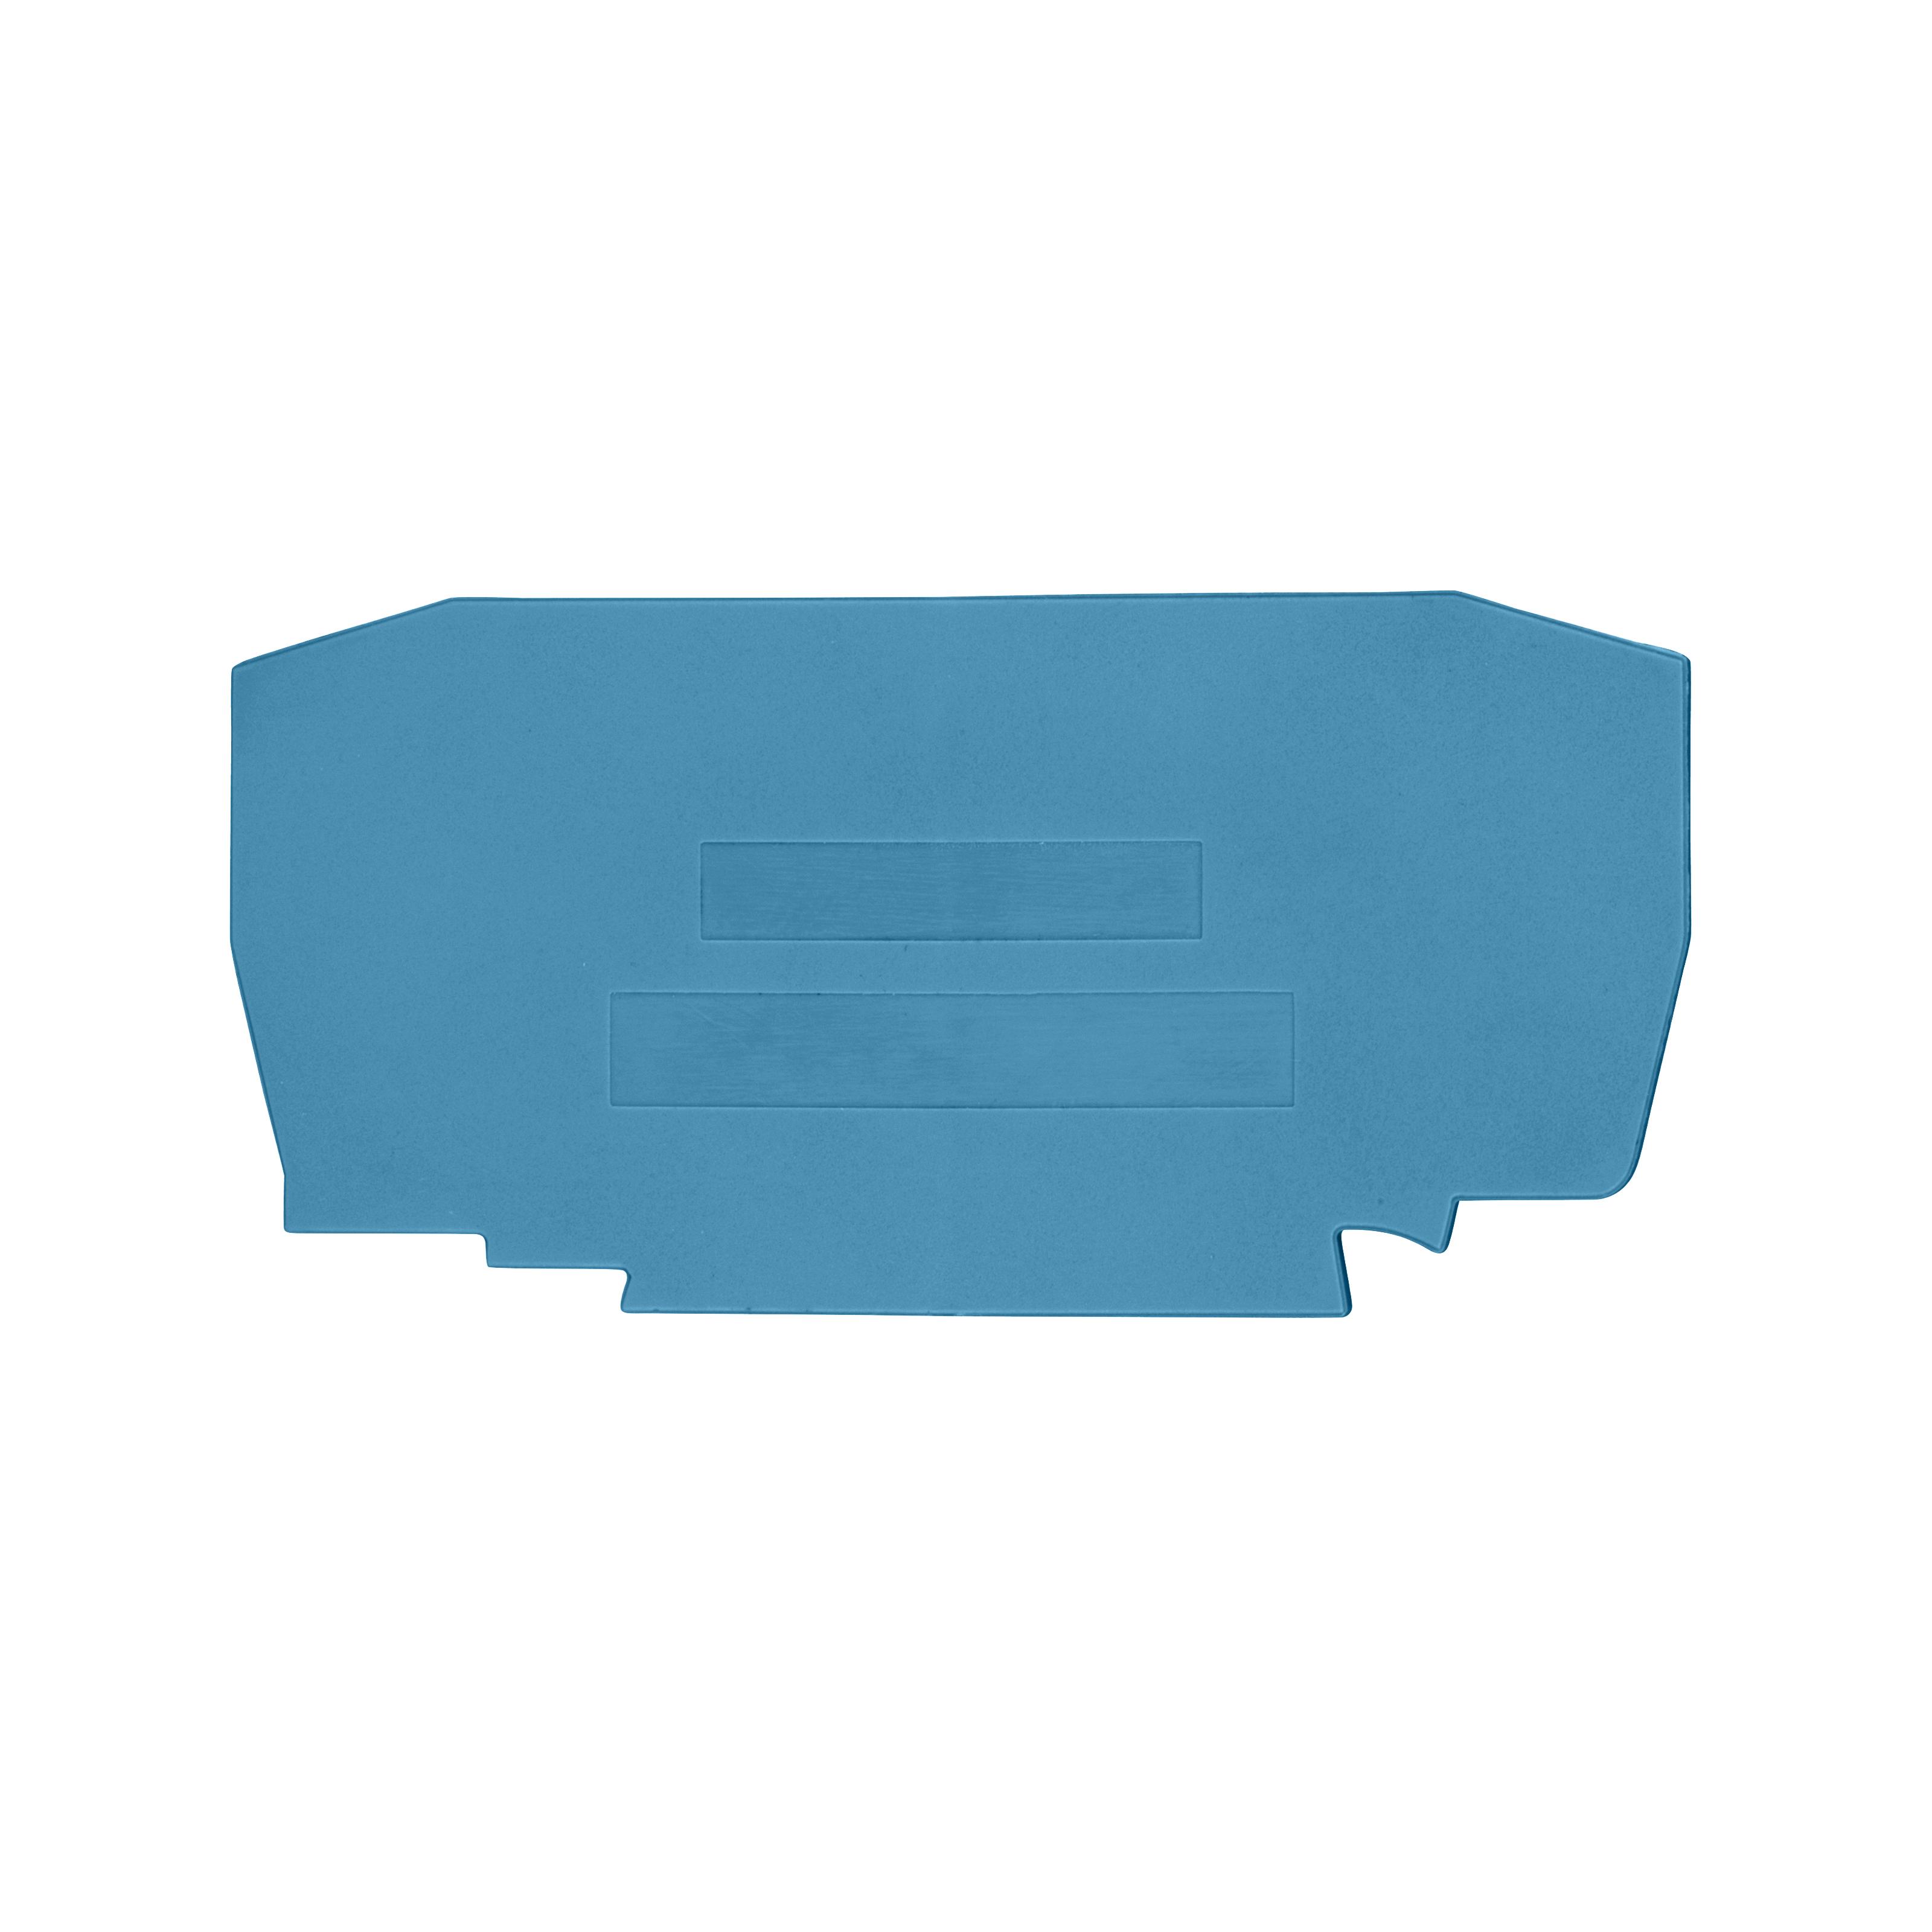 1 Stk Endplatte für Federkraftklemme YBK 6 blau IK611206-A